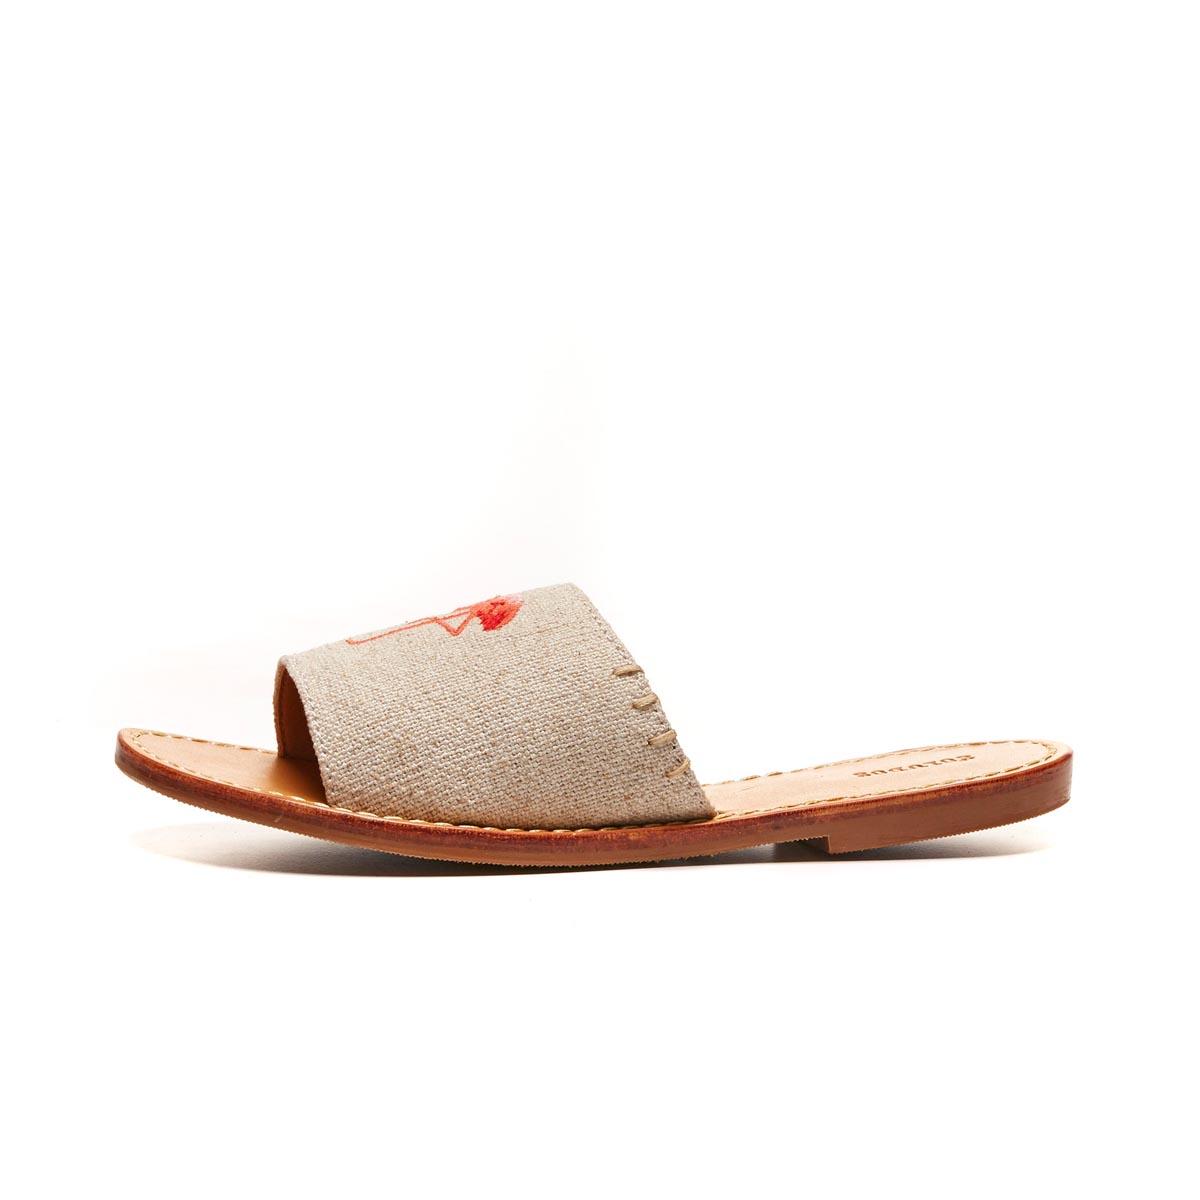 Soho Shoes Australia